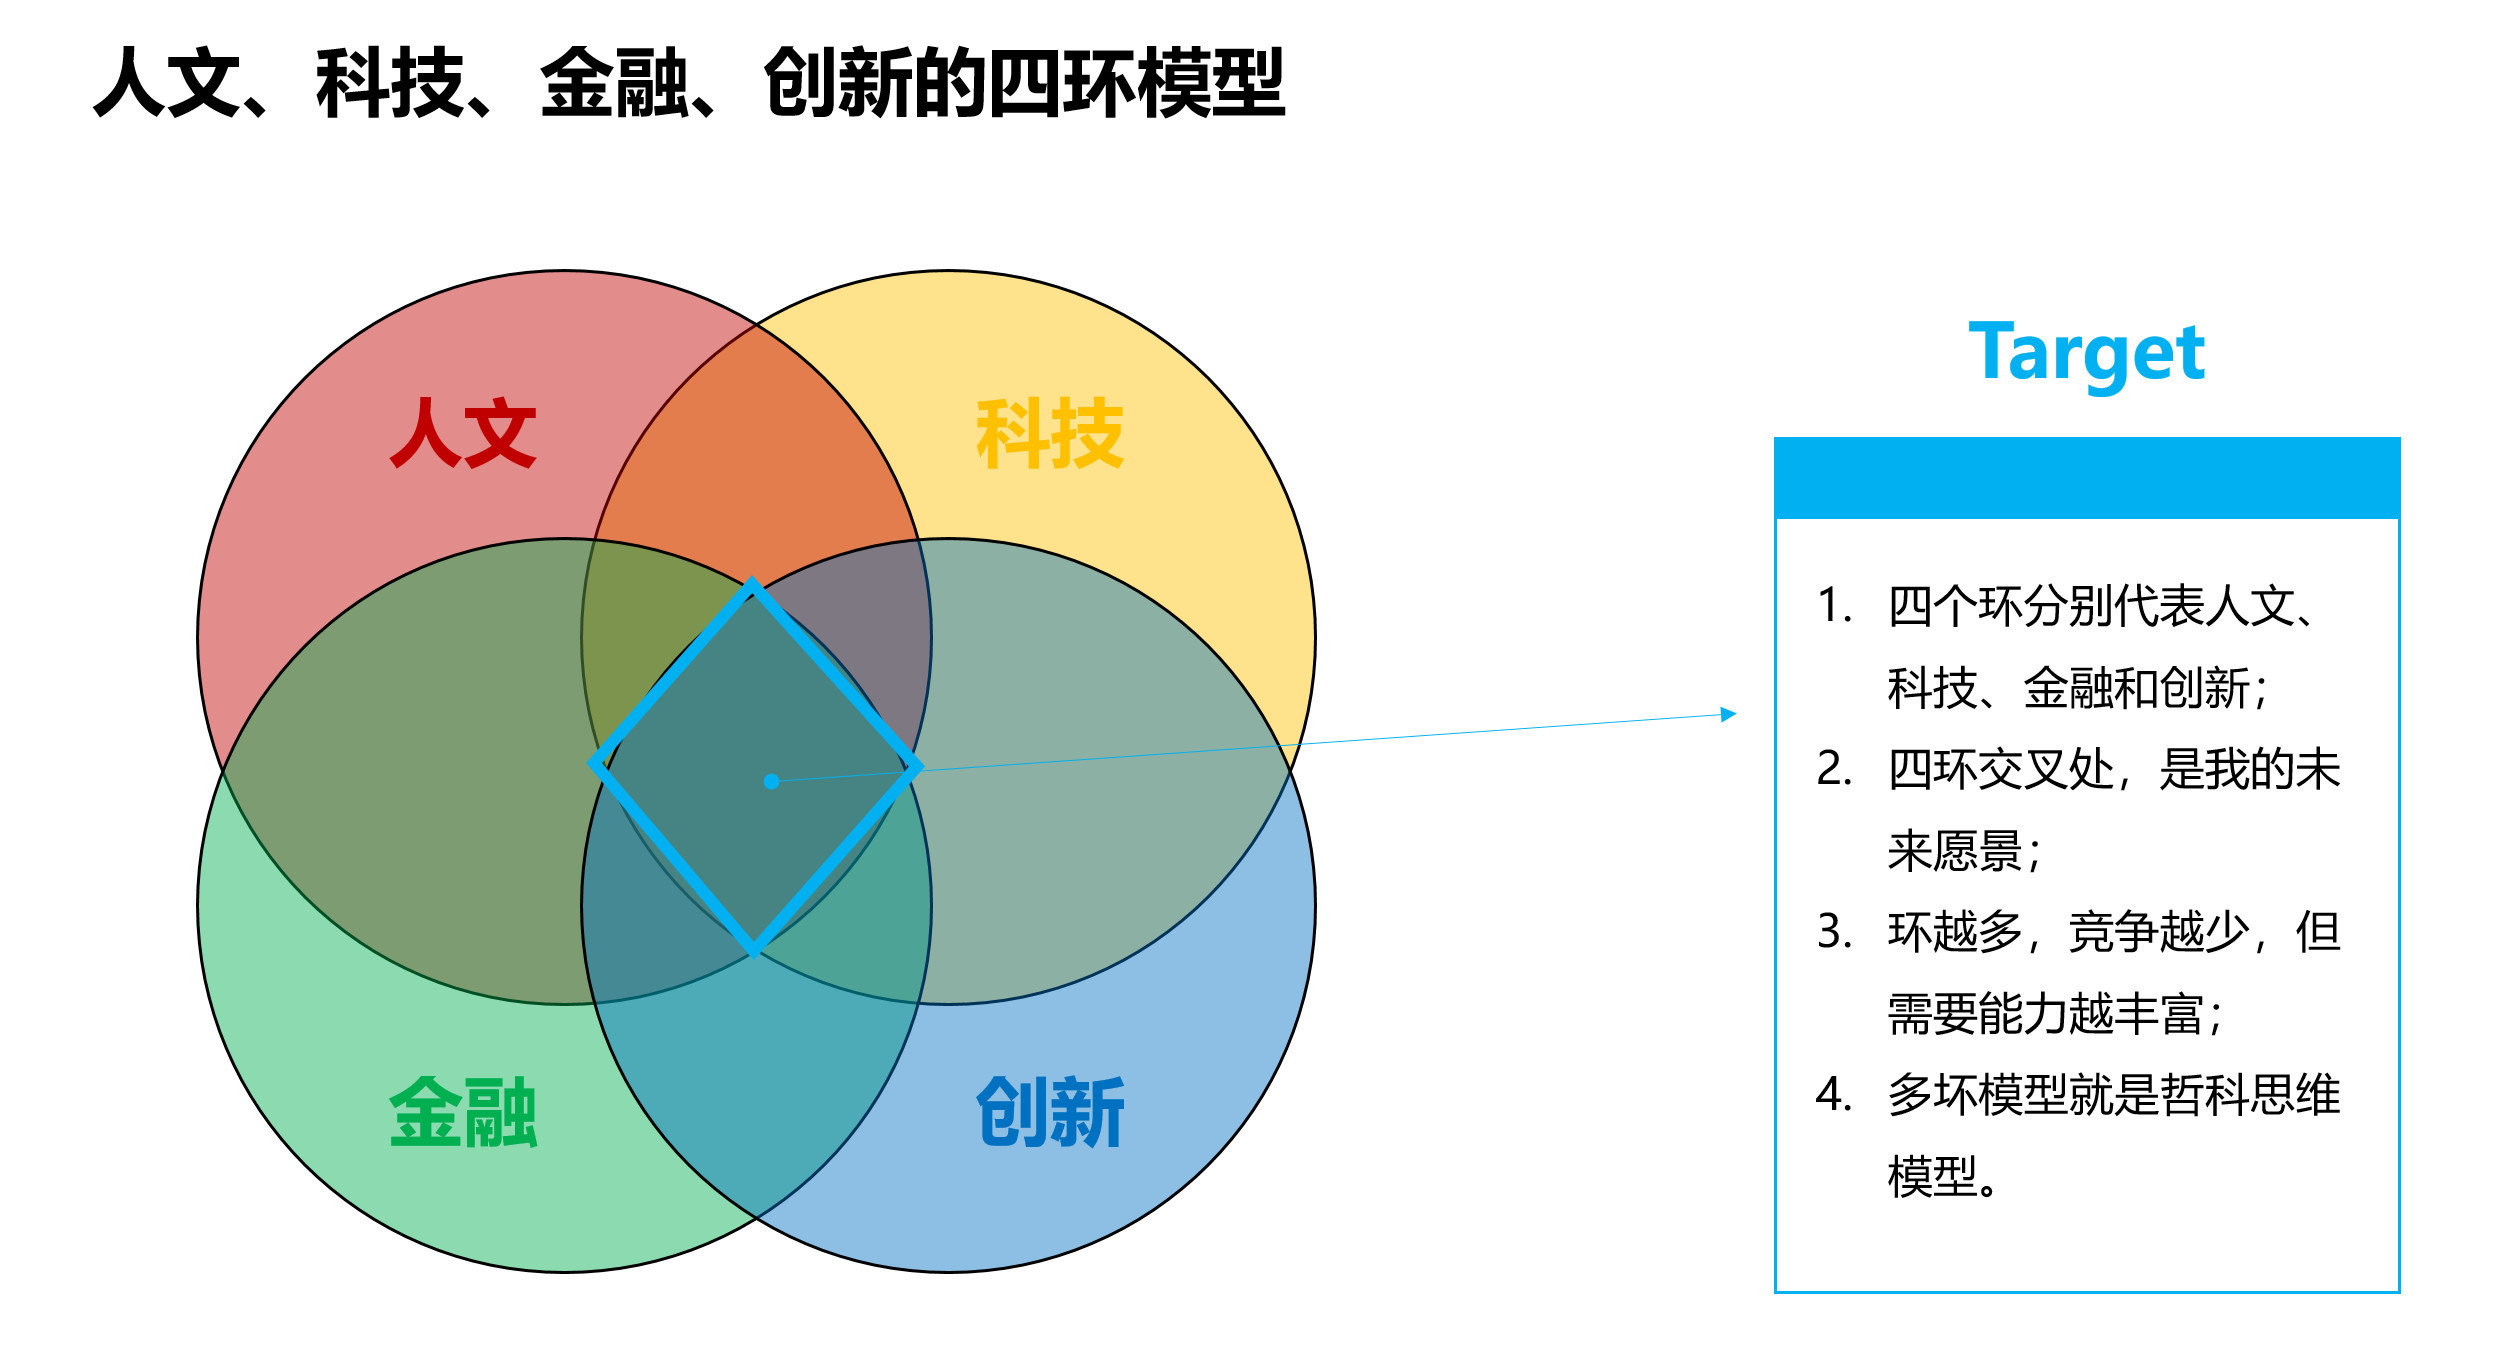 图05:四环模型 来源:李有龙《保险业生态战略系列培训课程》